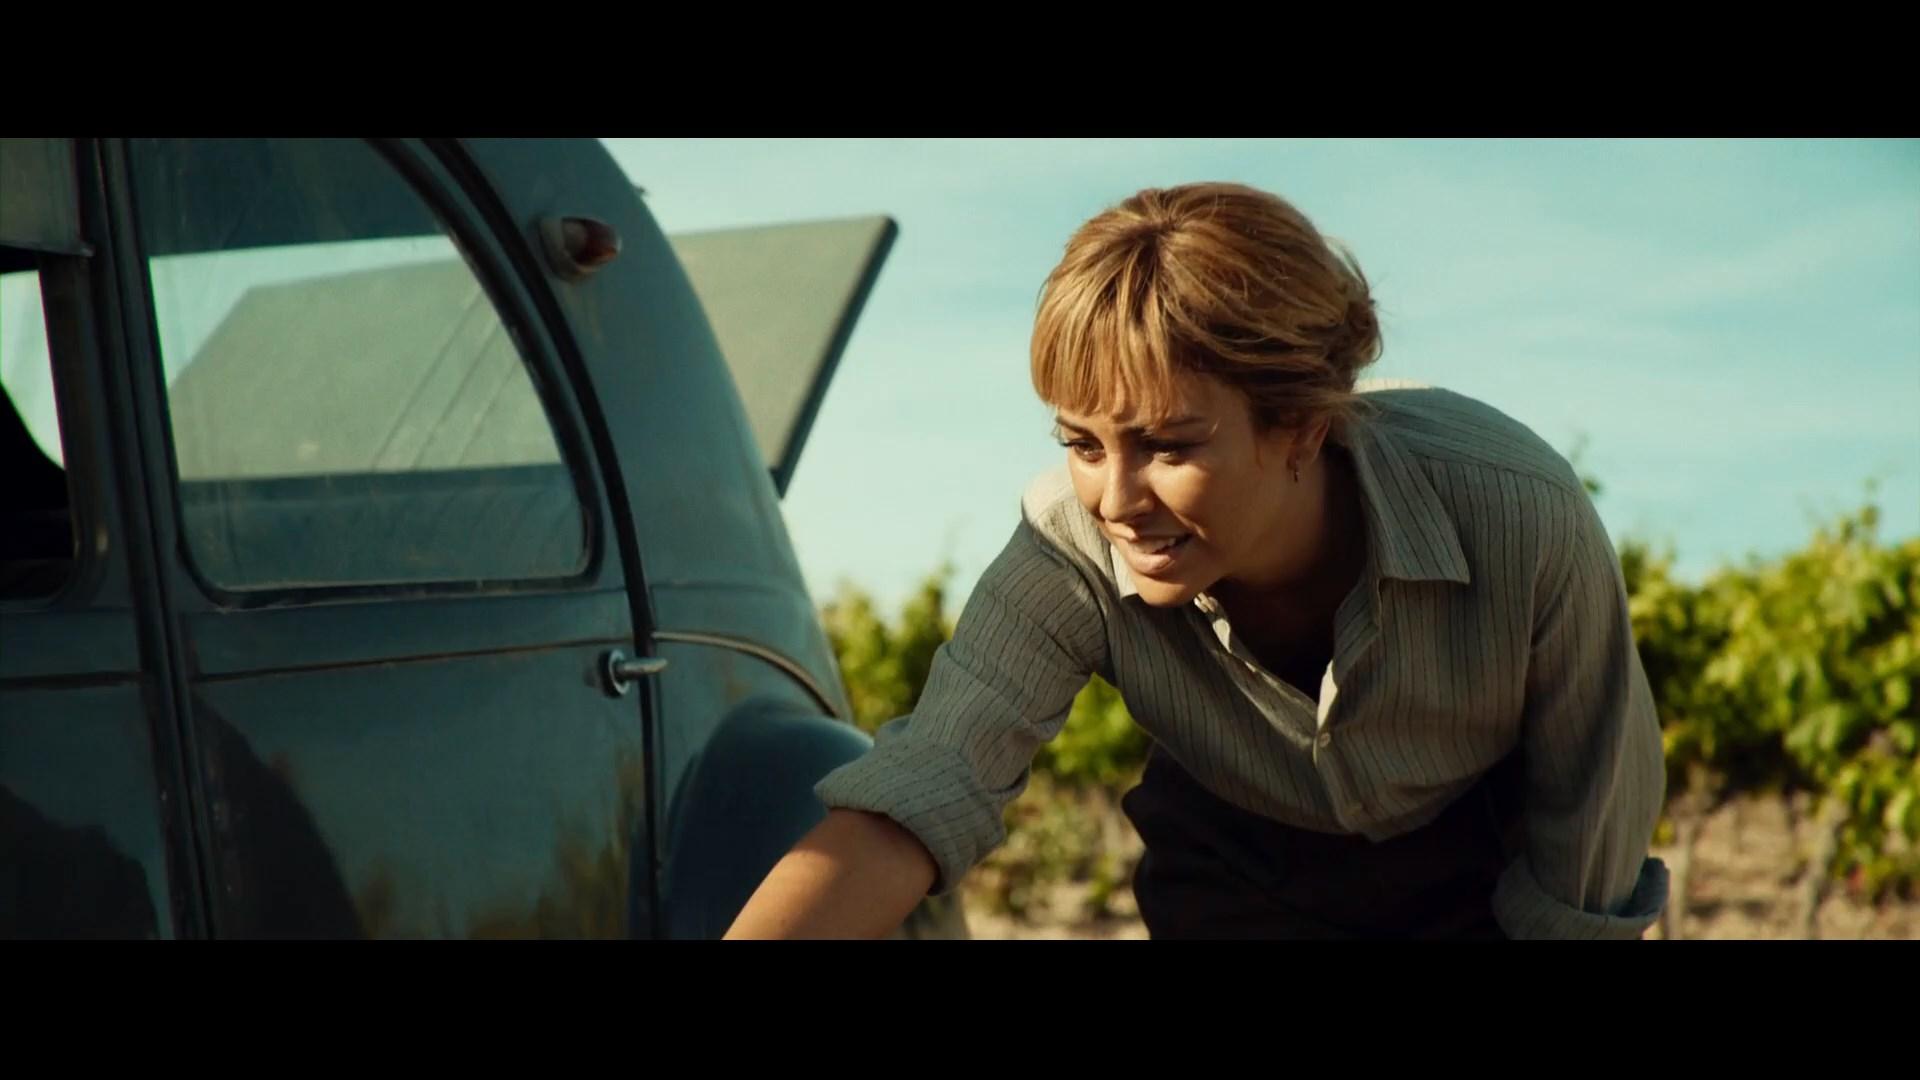 El verano que vivimos (2020) 1080p WEB-DL